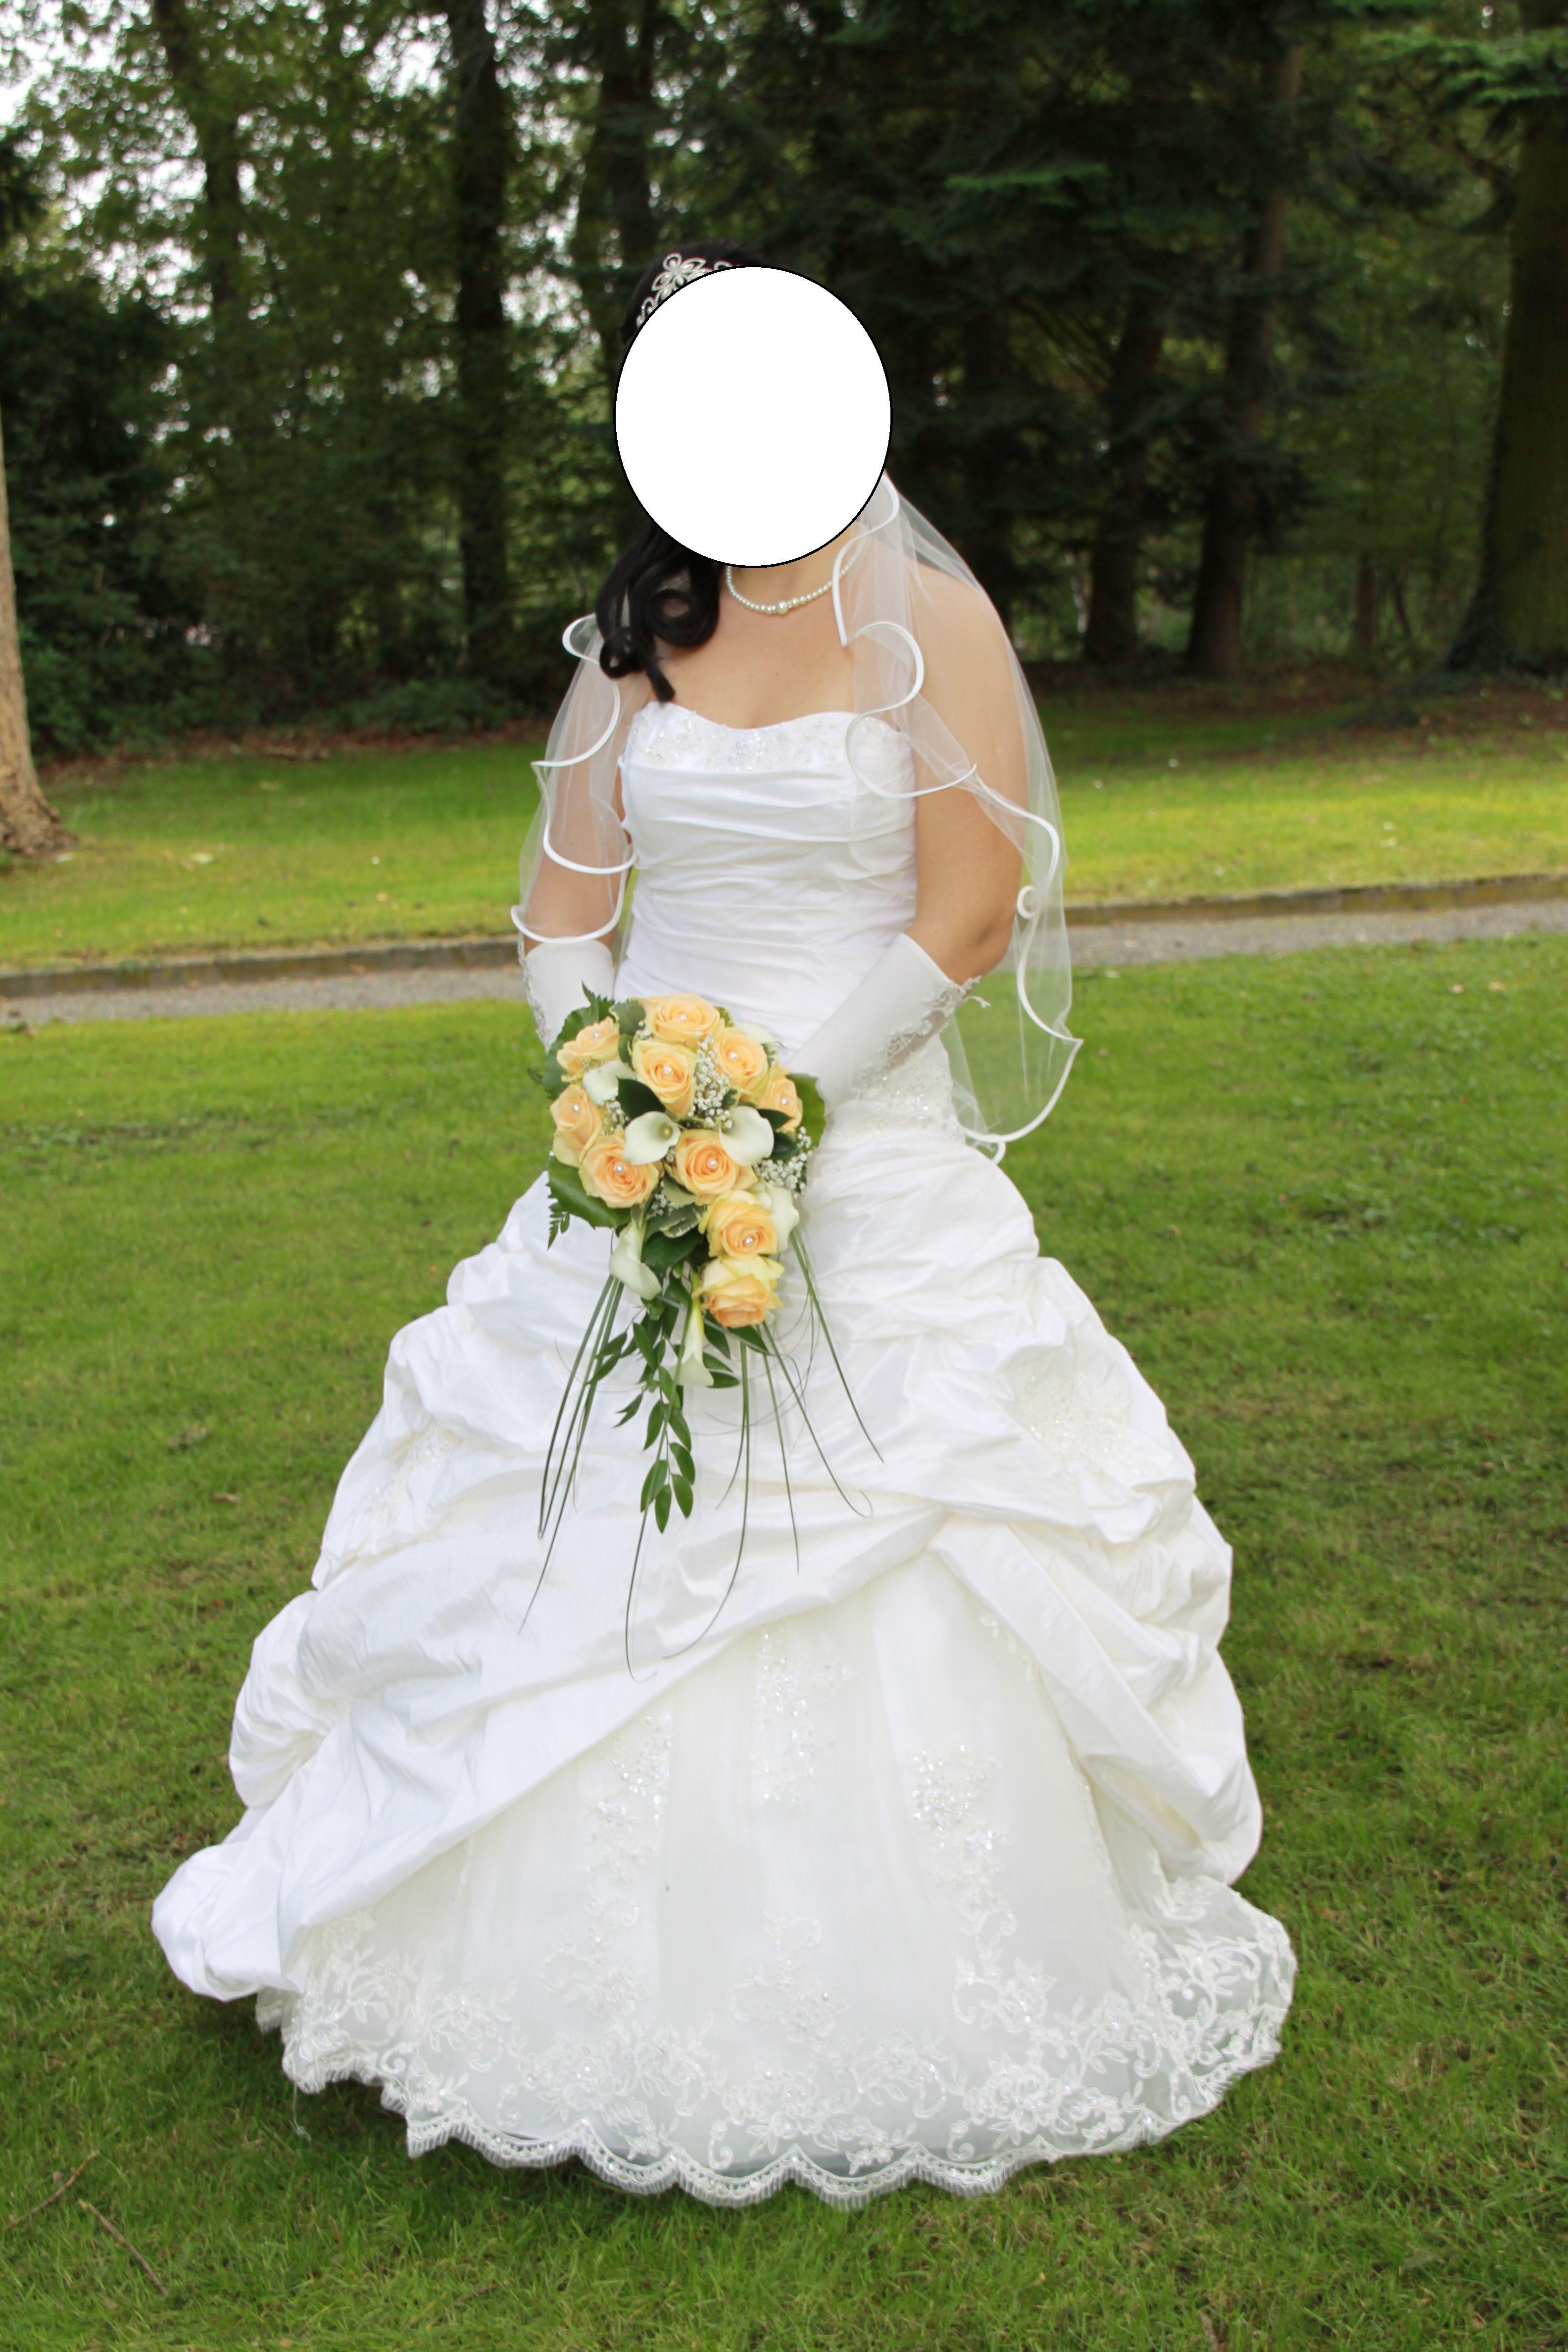 ♥ Traumhaftes Brautkleid in der Farbe ivory, Gr. 40 ♥  Ansehen: http://www.brautboerse.de/brautkleid-verkaufen/traumhaftes-brautkleid-in-der-farbe-ivory-gr-40/   #Brautkleider #Hochzeit #Wedding